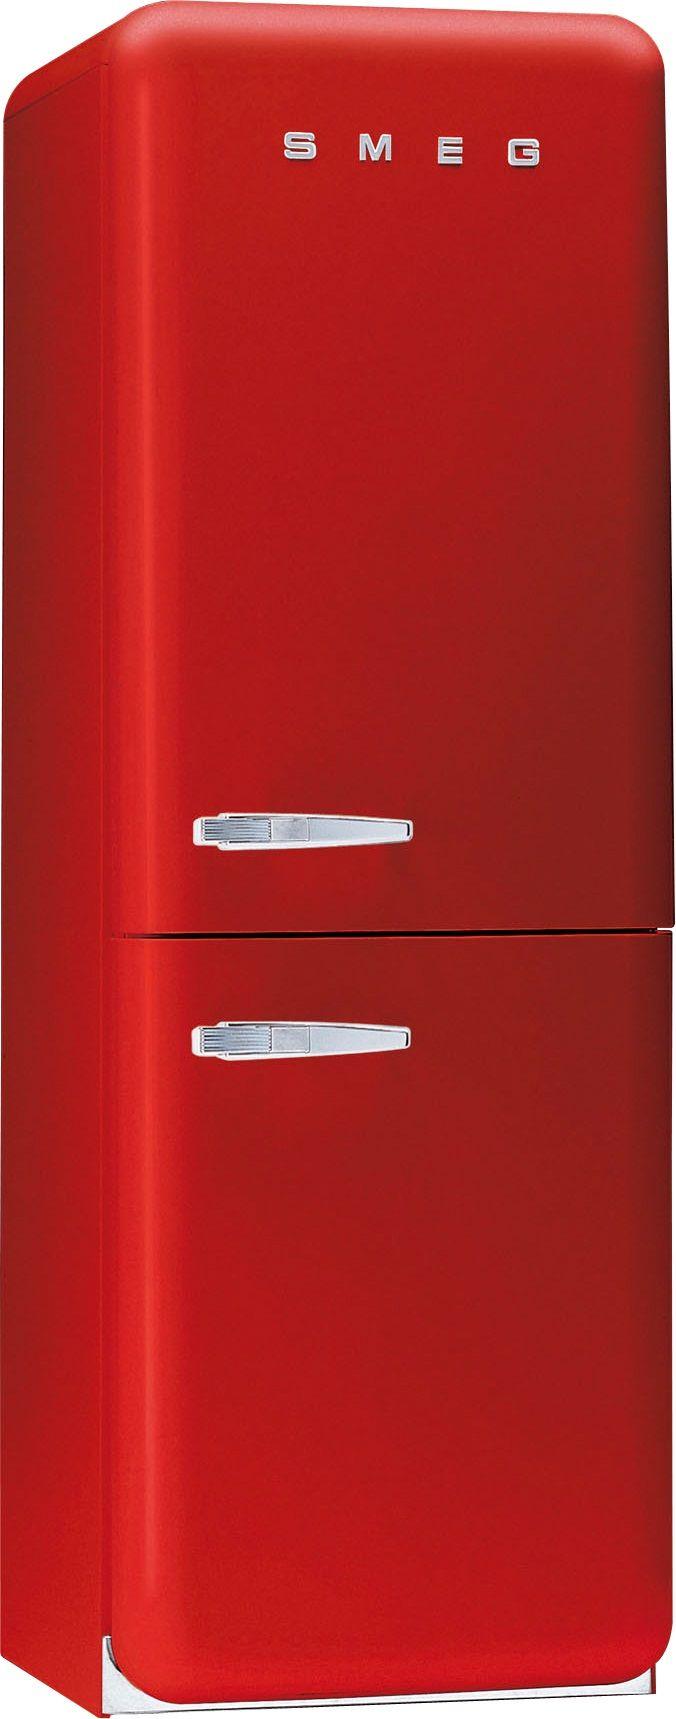 Rood is niet alleen een mooie kleur voor de aardbeien, maar ook voor die opvallende koelkast in je keuken!